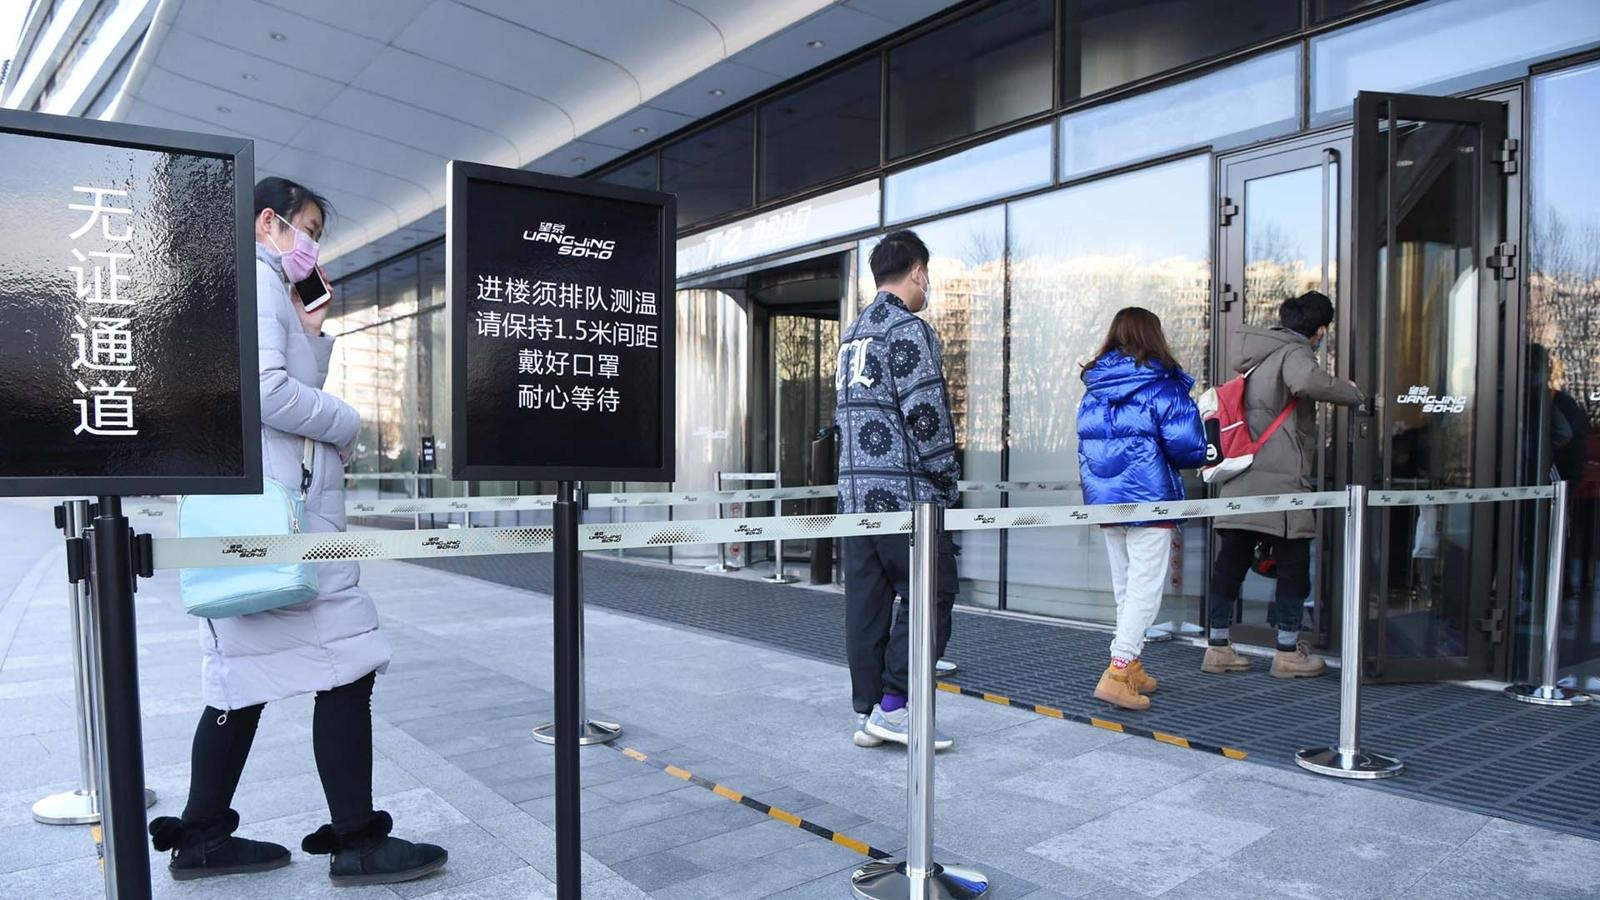 Oficina en Pekín.